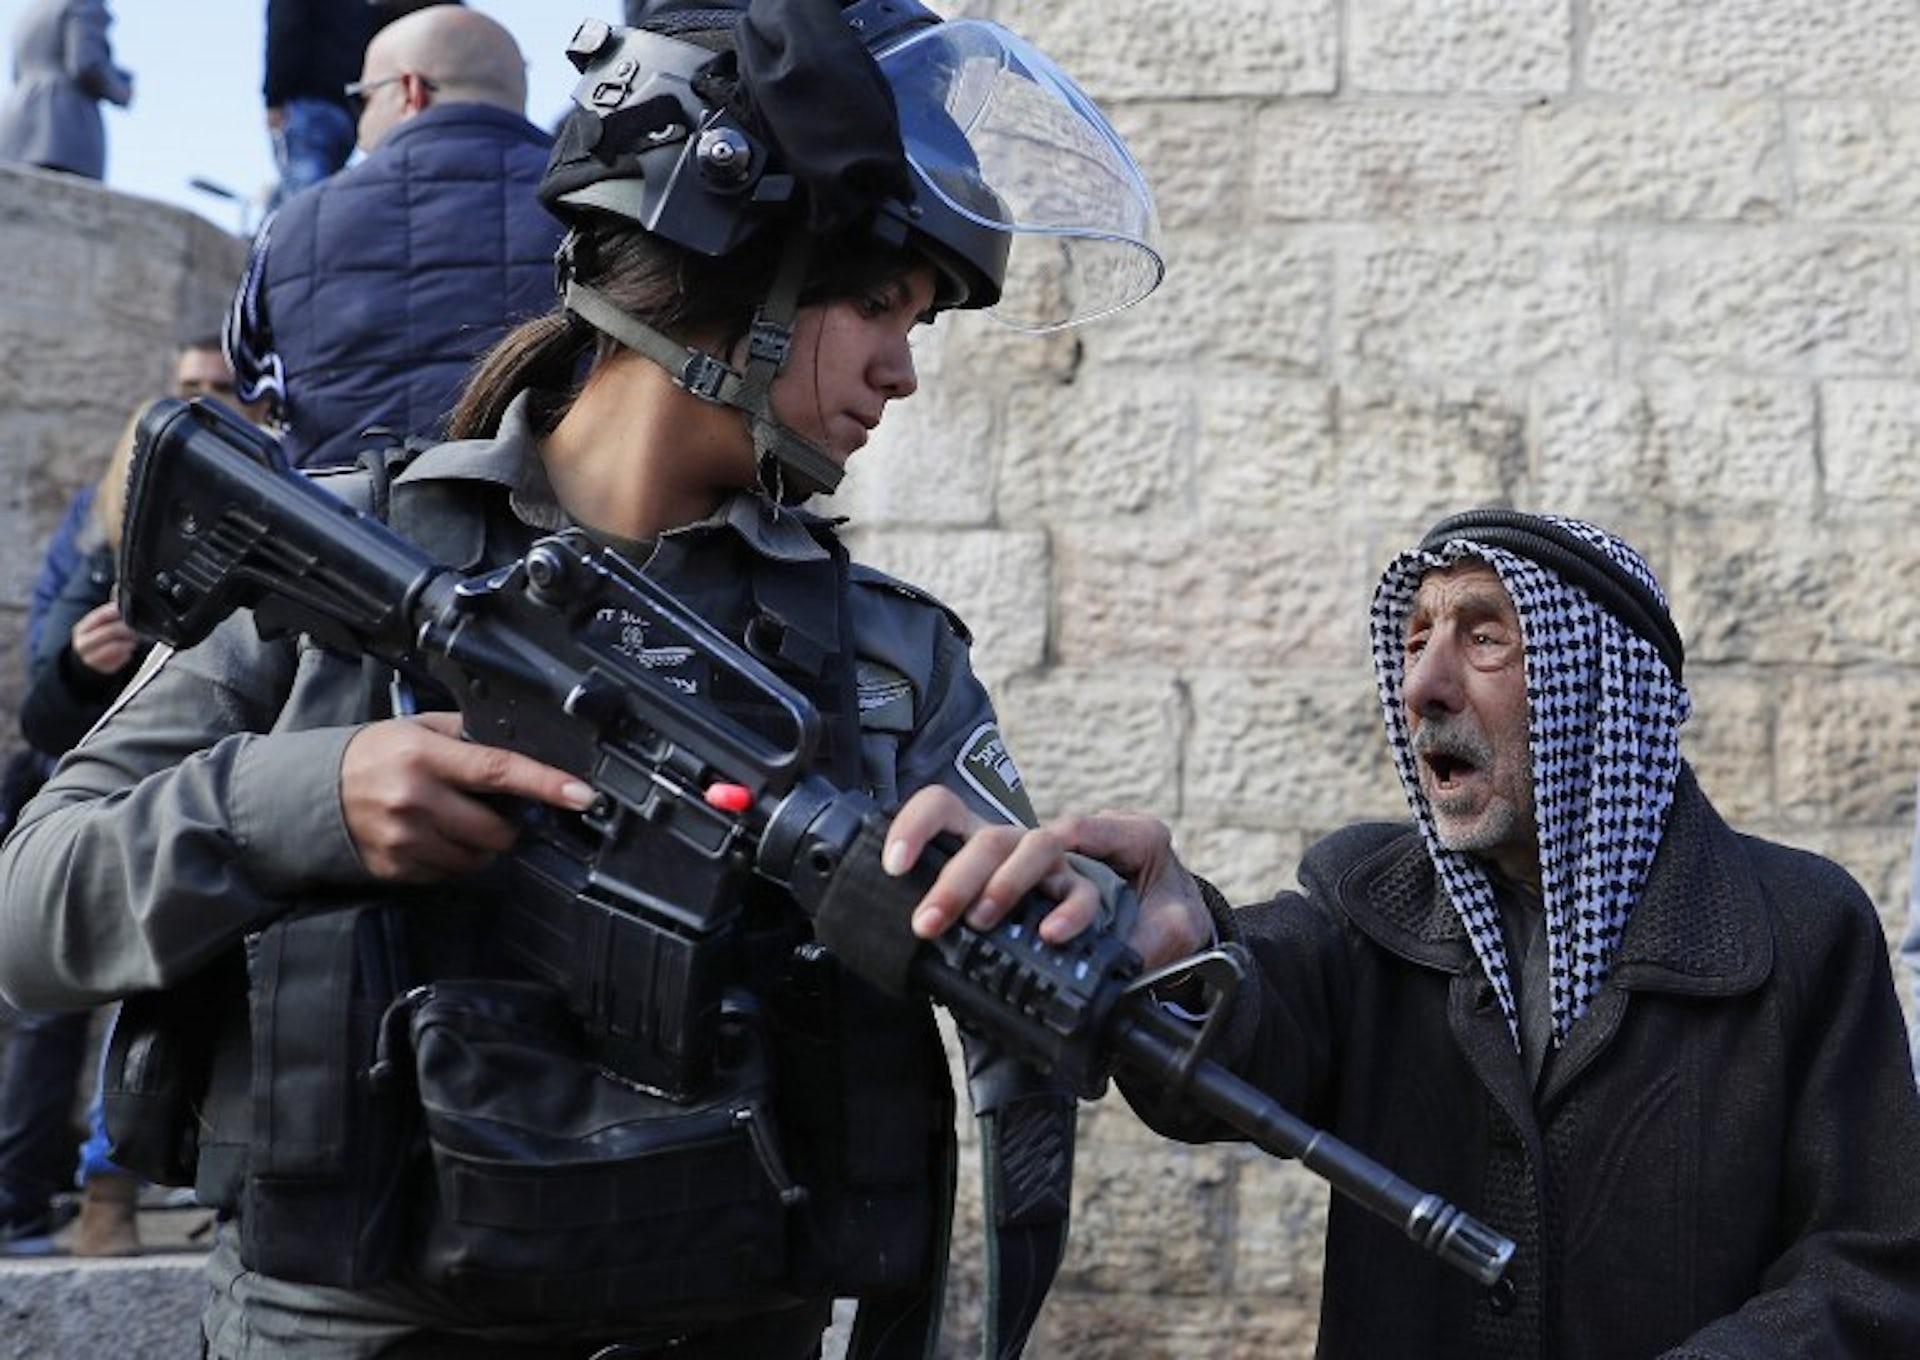 La décision de Donald Trump de reconnaître Jérusalem comme capitale d'Israël